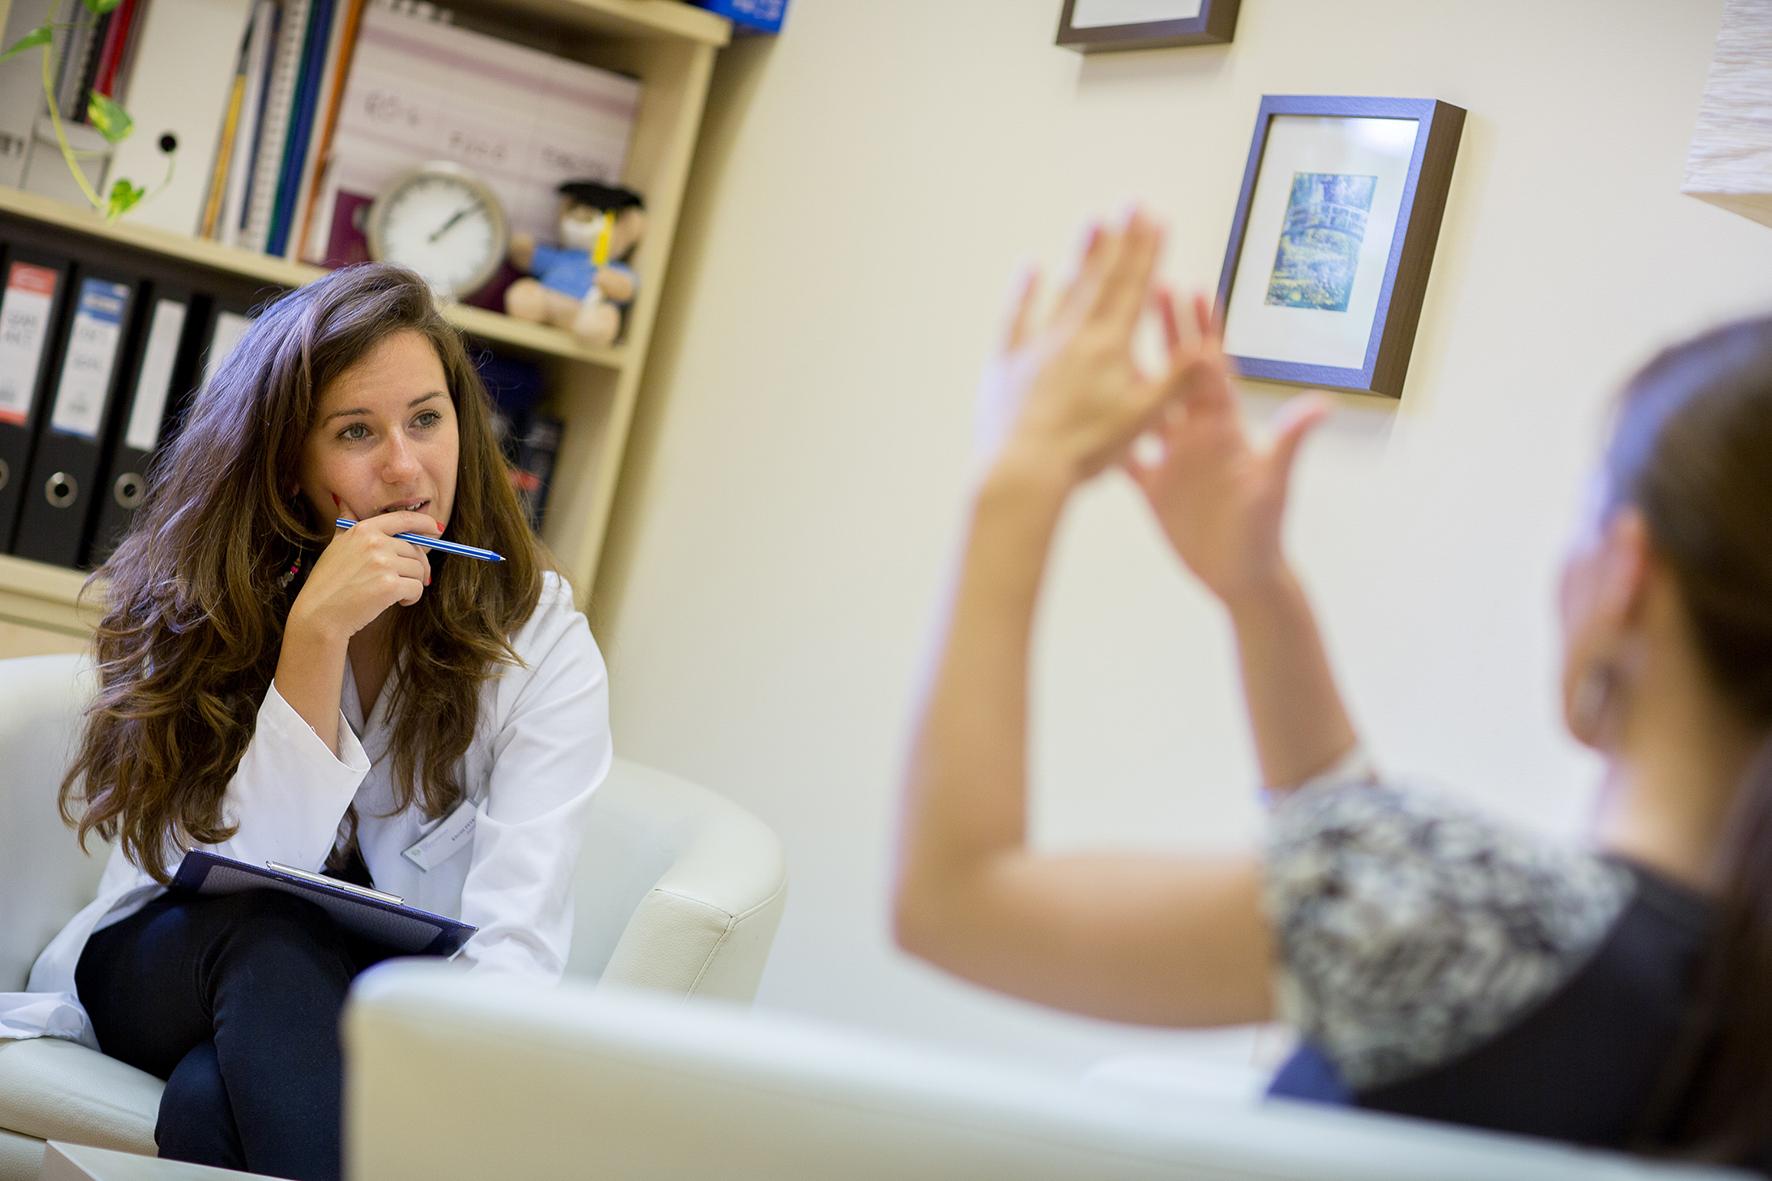 Bagdi Petra klinikai és mentálhigiéniai szakpszichológus konzultáció közben.